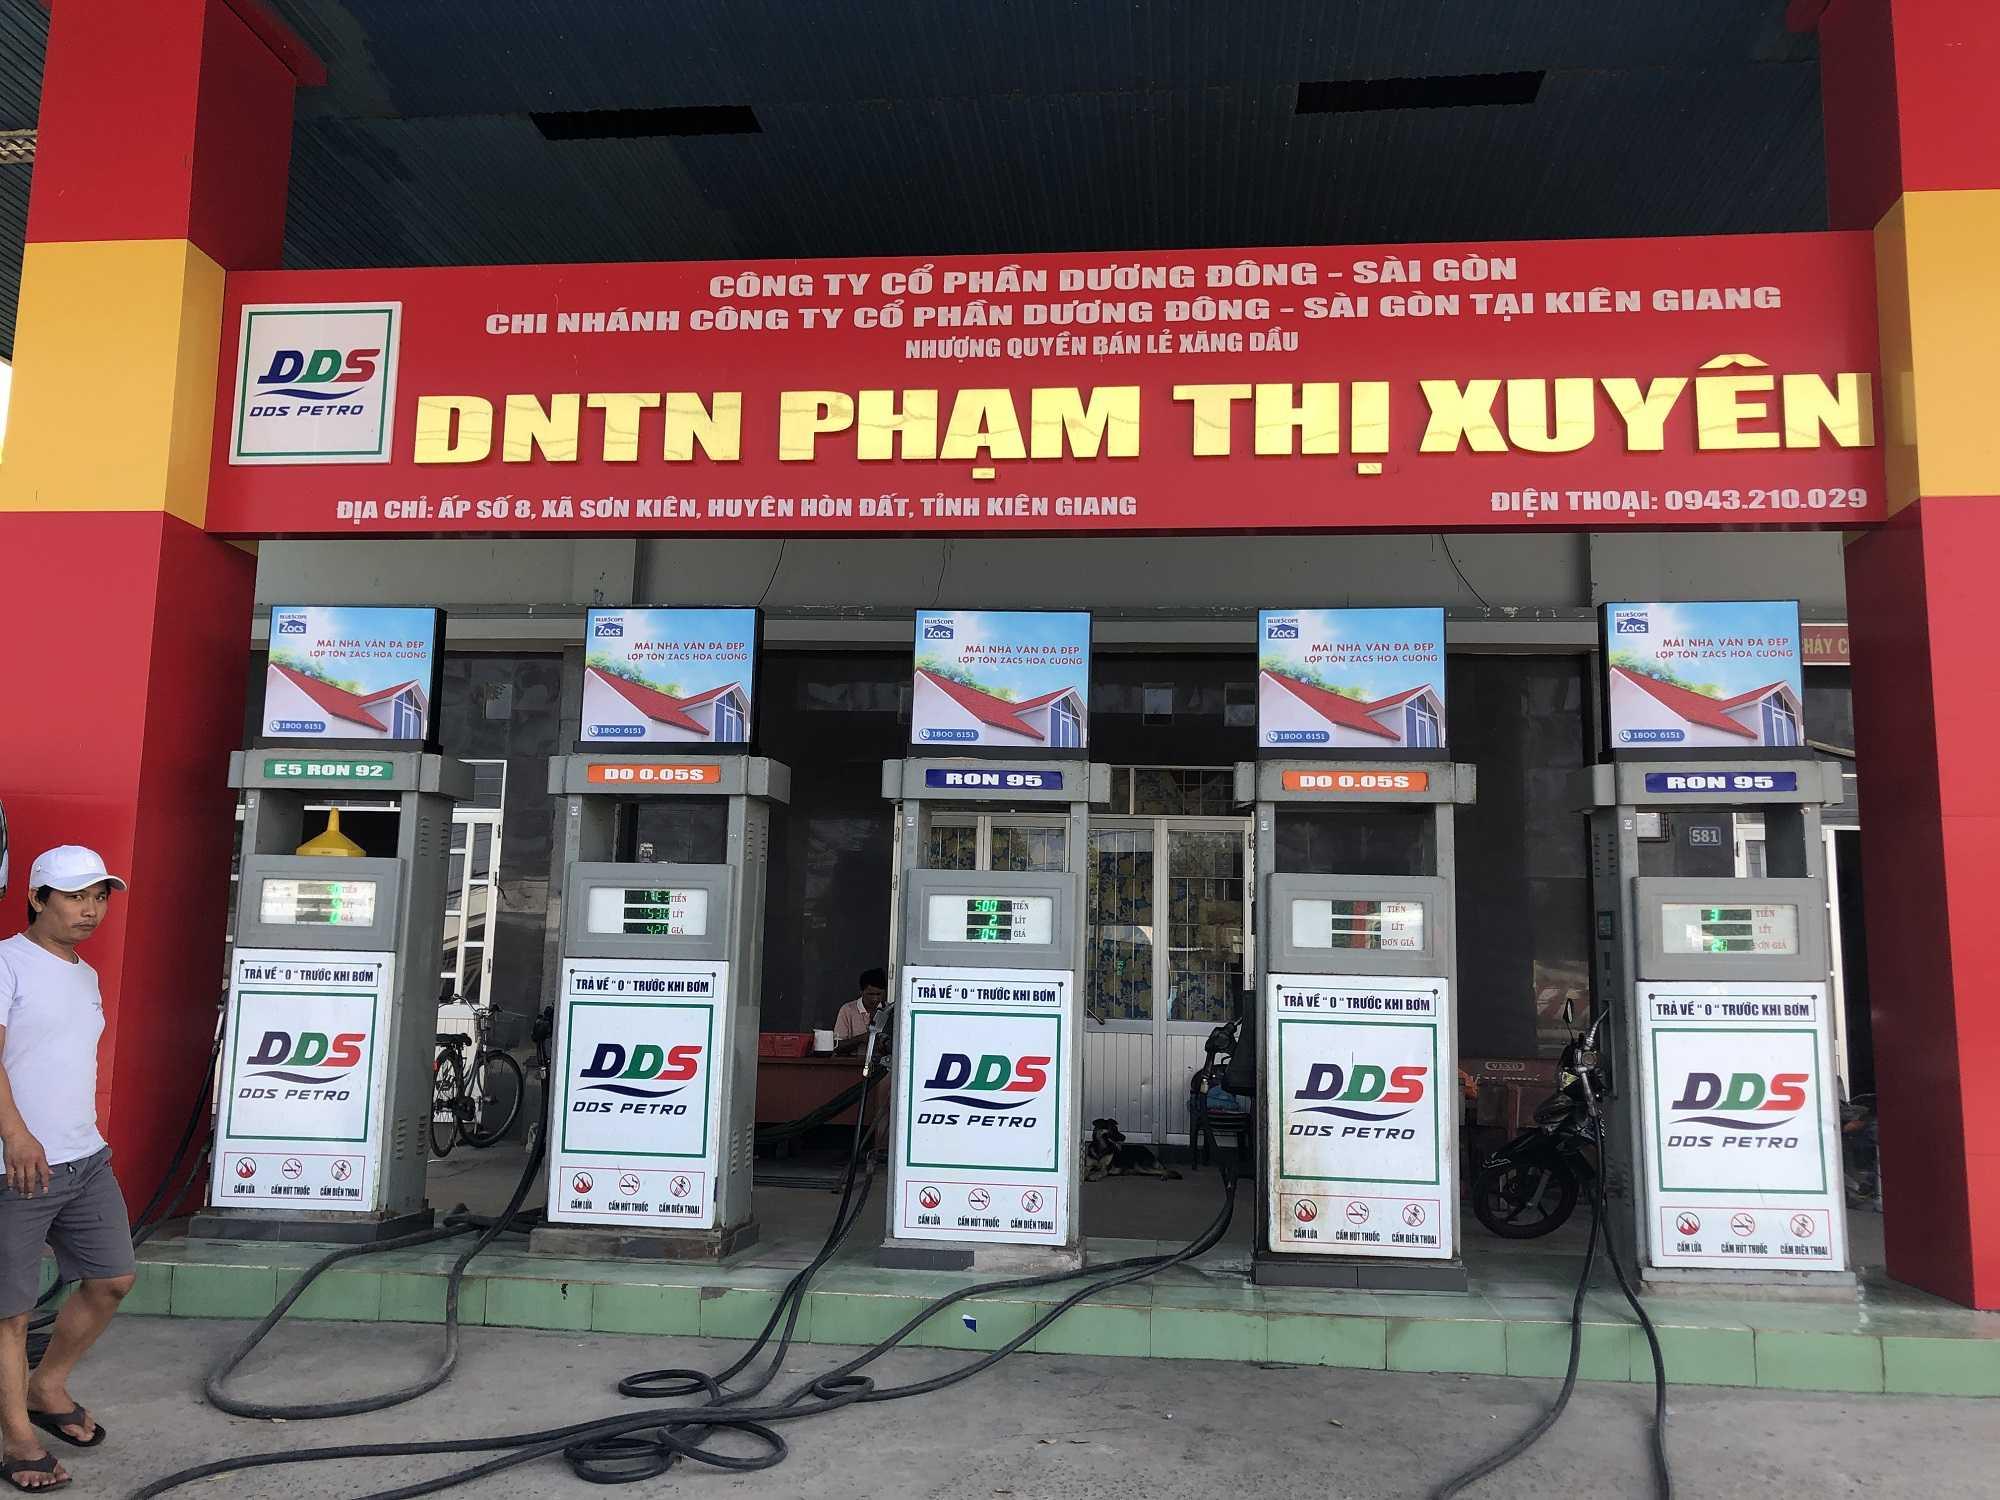 Quảng cáo CHXD Phạm Thị Xuyên Số 8, Sơn Kiên, Hòn Đất, Kiên Giang